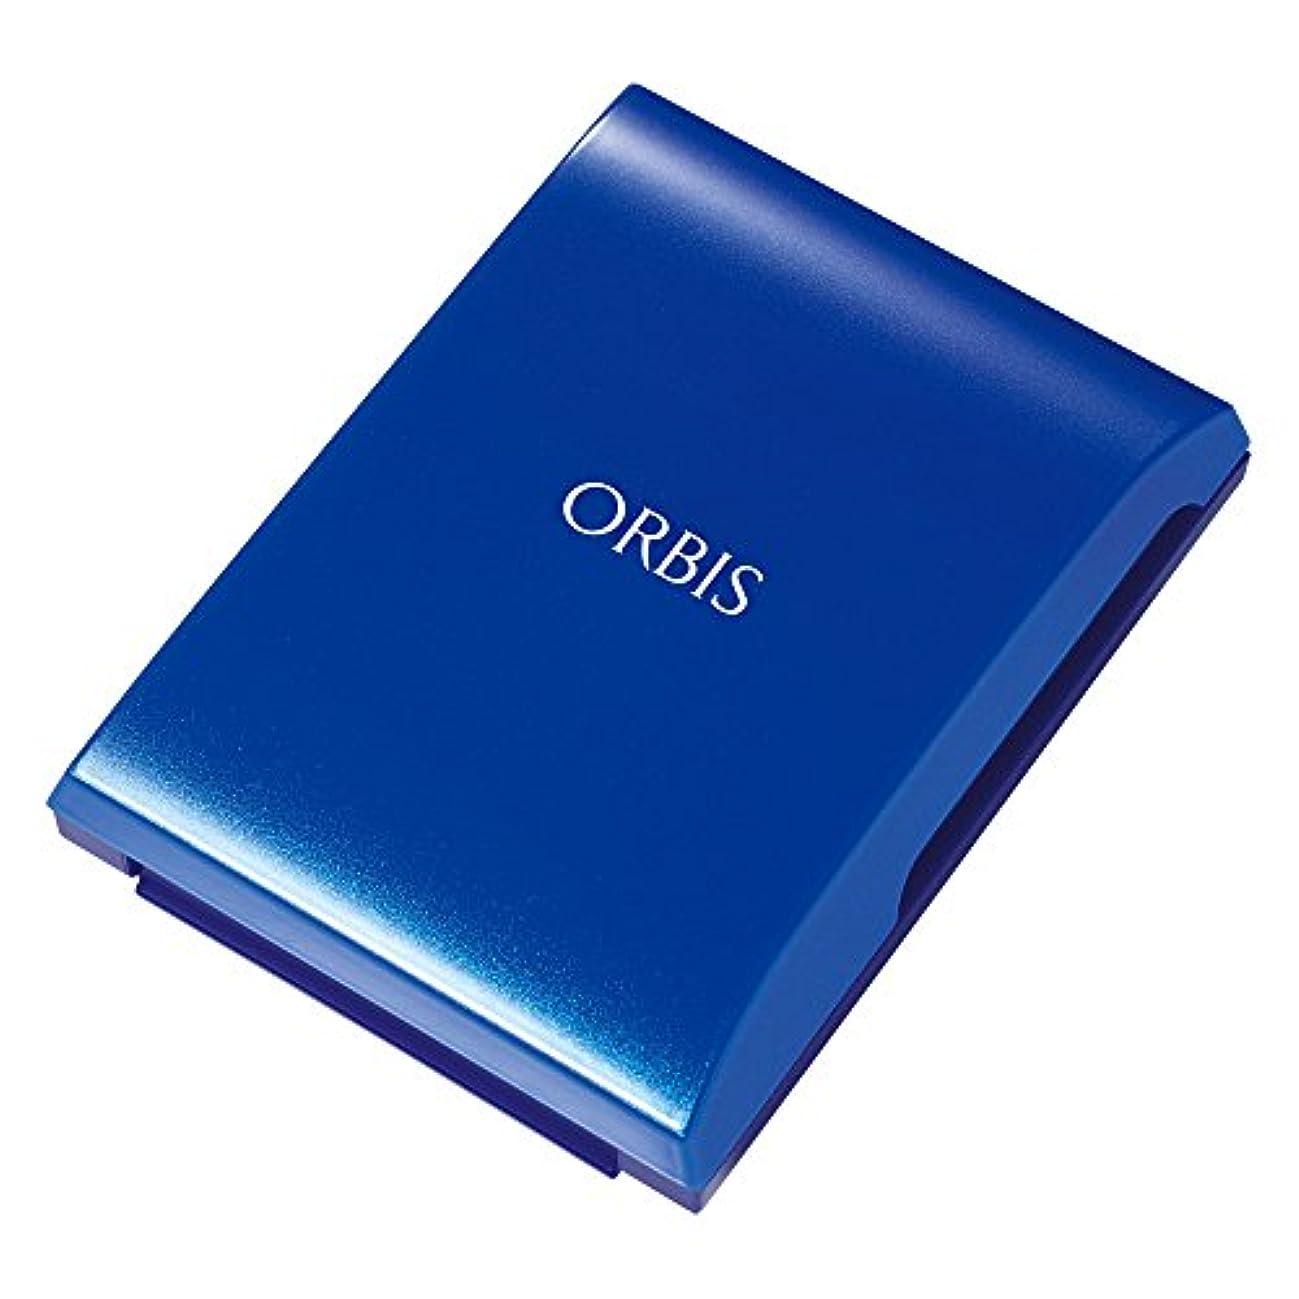 緊張するスクラップブック見えるオルビス(ORBIS) クリアパウダーファンデーション 専用ケース